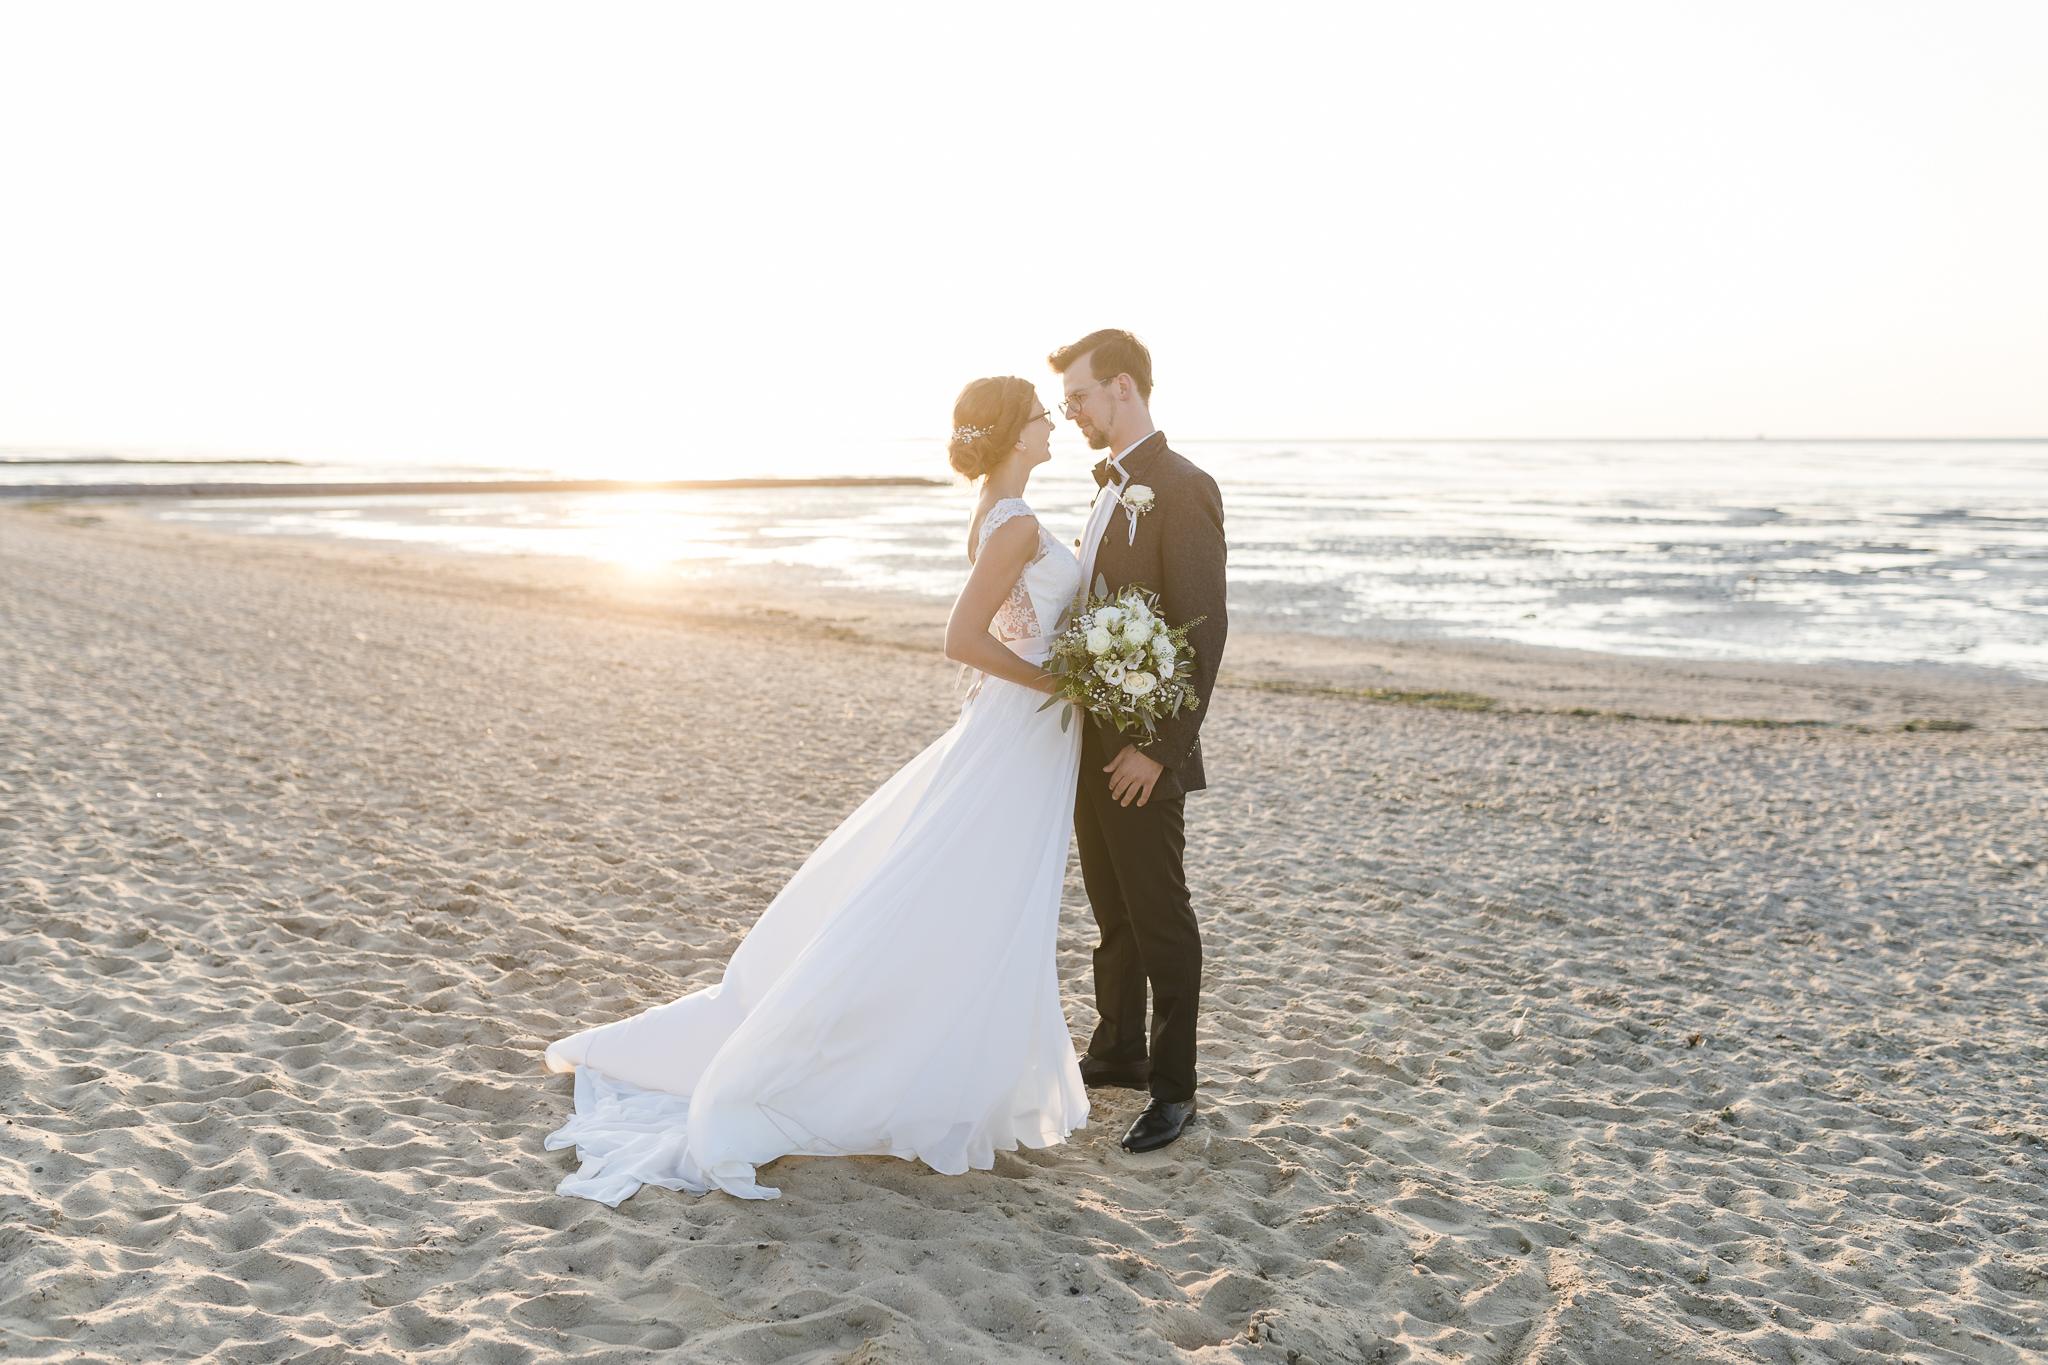 Hochzeitsfotografie Cuxhaven - Brautpaarportraits am Strand